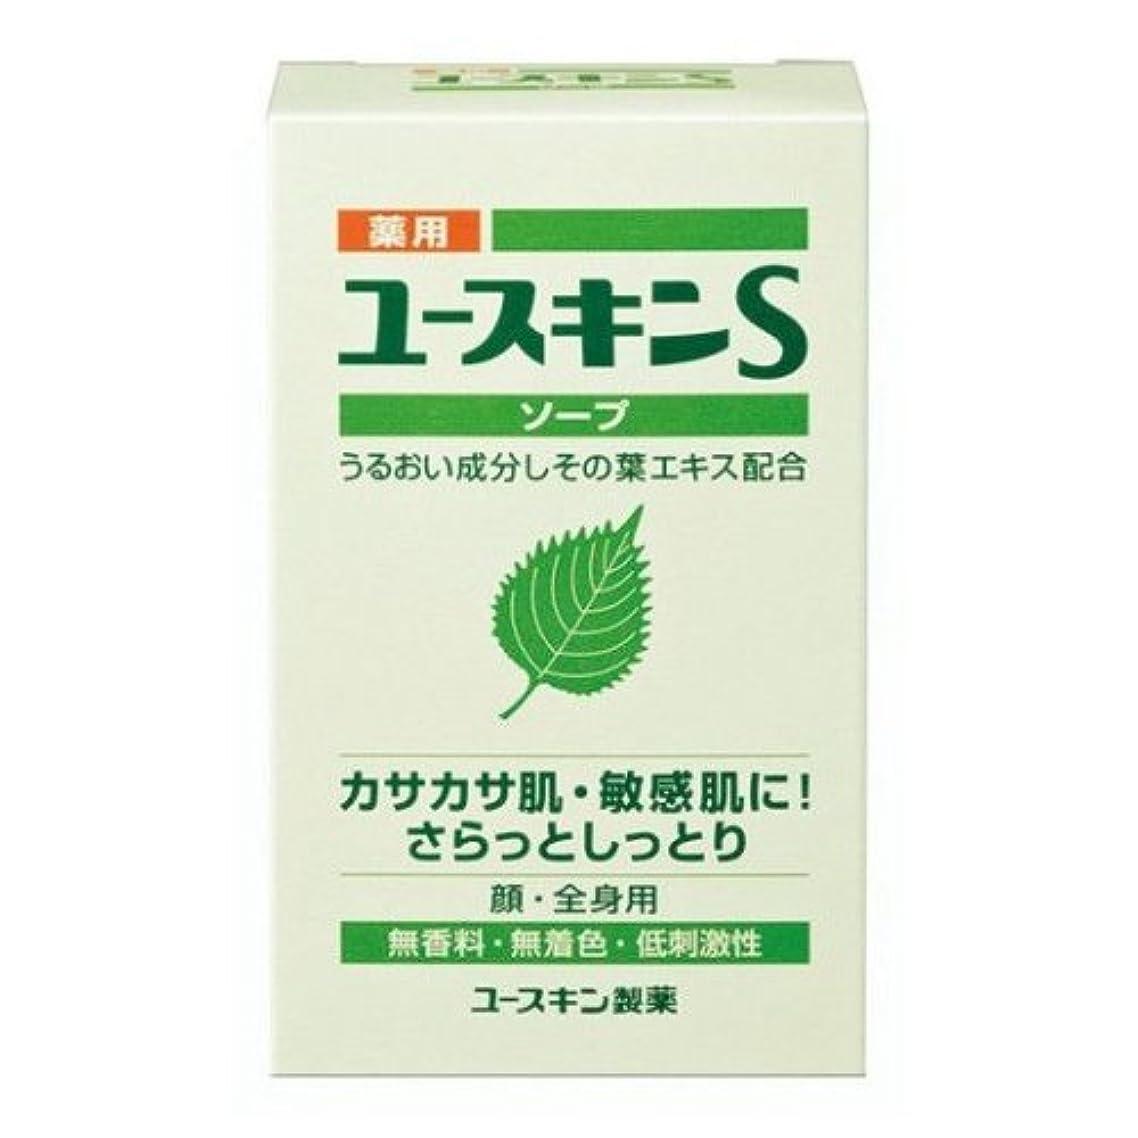 テレビを見るお客様モンキー薬用ユースキンS ソープ 90g (敏感肌用 透明石鹸) 【医薬部外品】